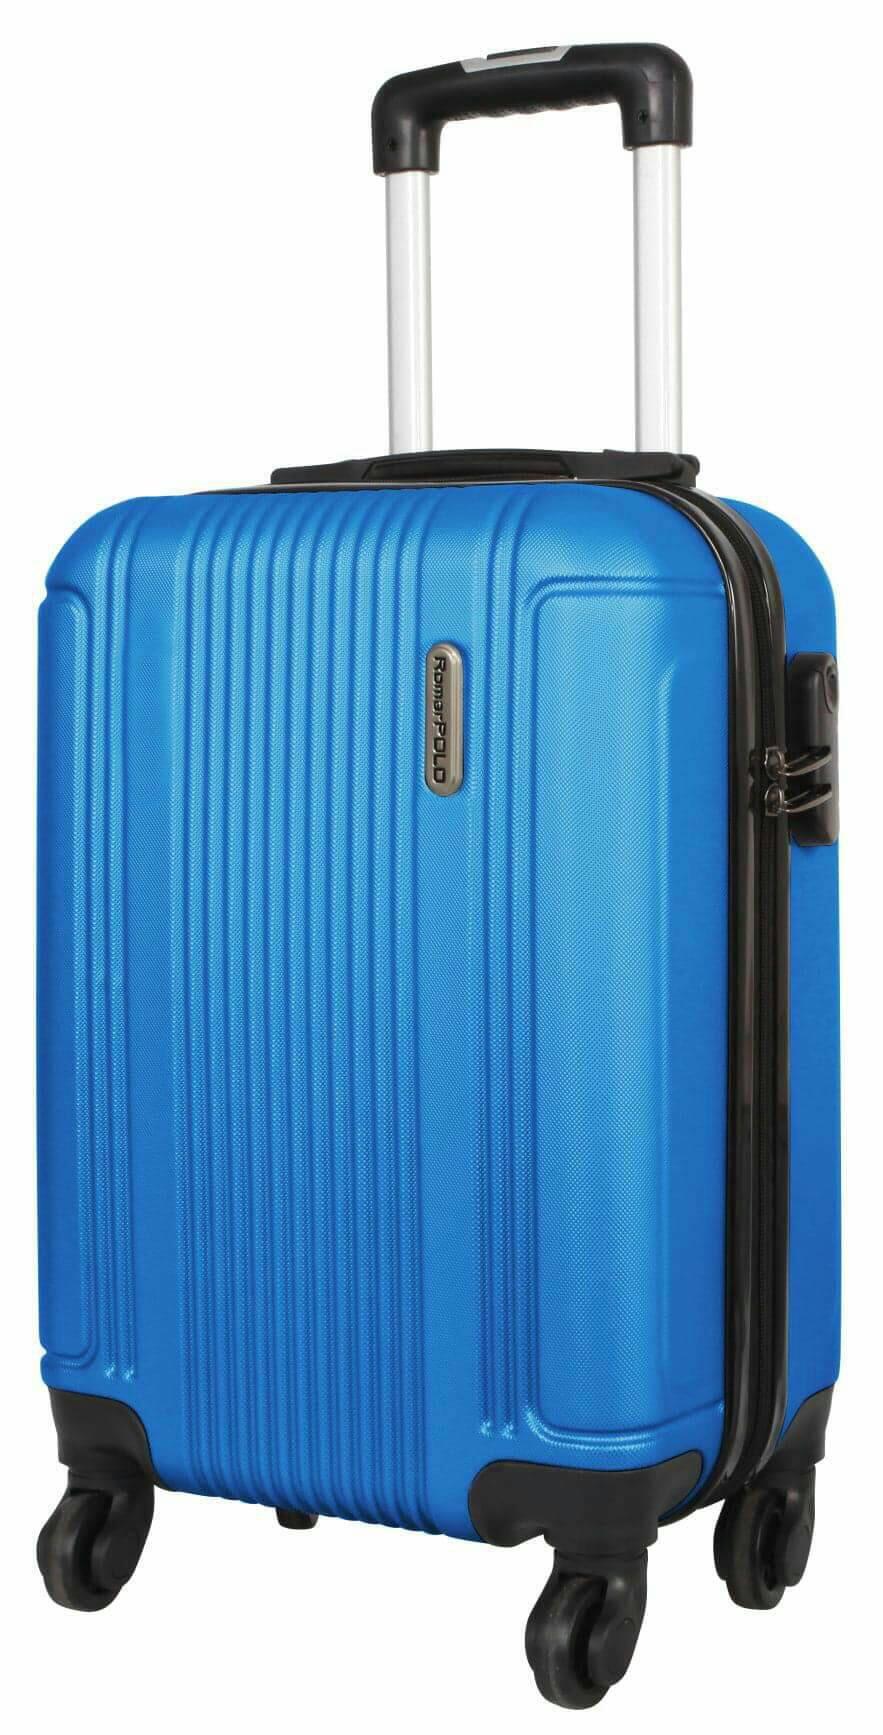 กระเป๋าล้อลาก กระเป๋าไฟเบอร์ กระเป๋าเดินทางมีล้อ WL 001